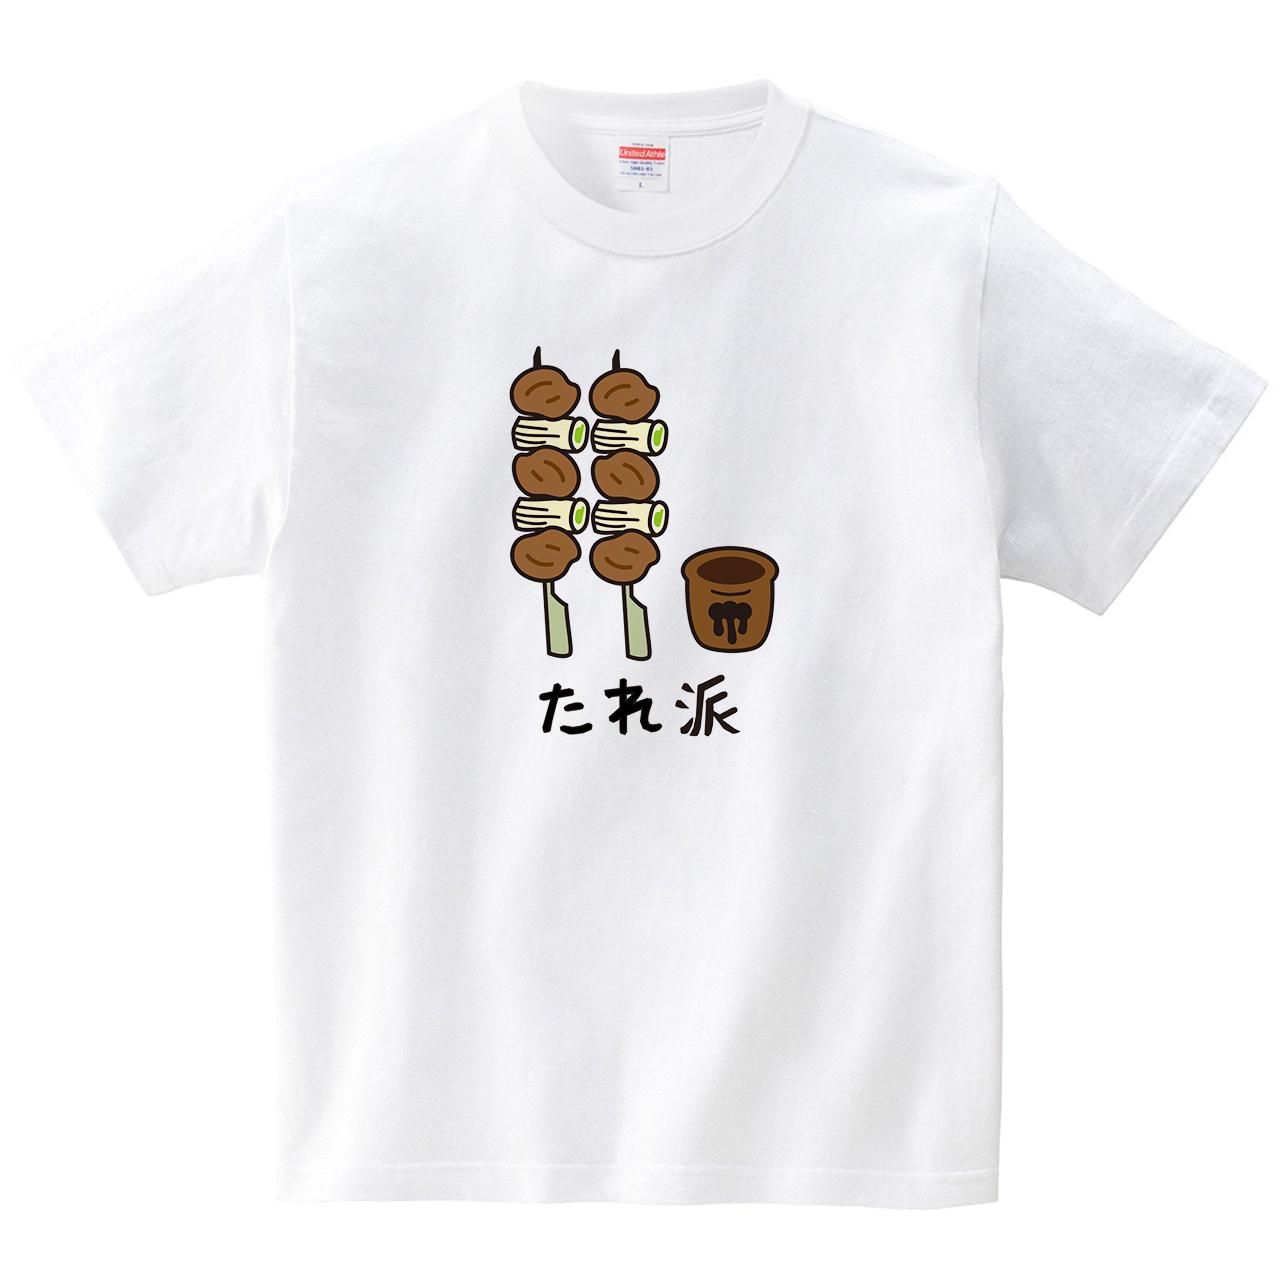 焼き鳥はタレでしょ(Tシャツ・ホワイト)(CHATON_CATON_T)